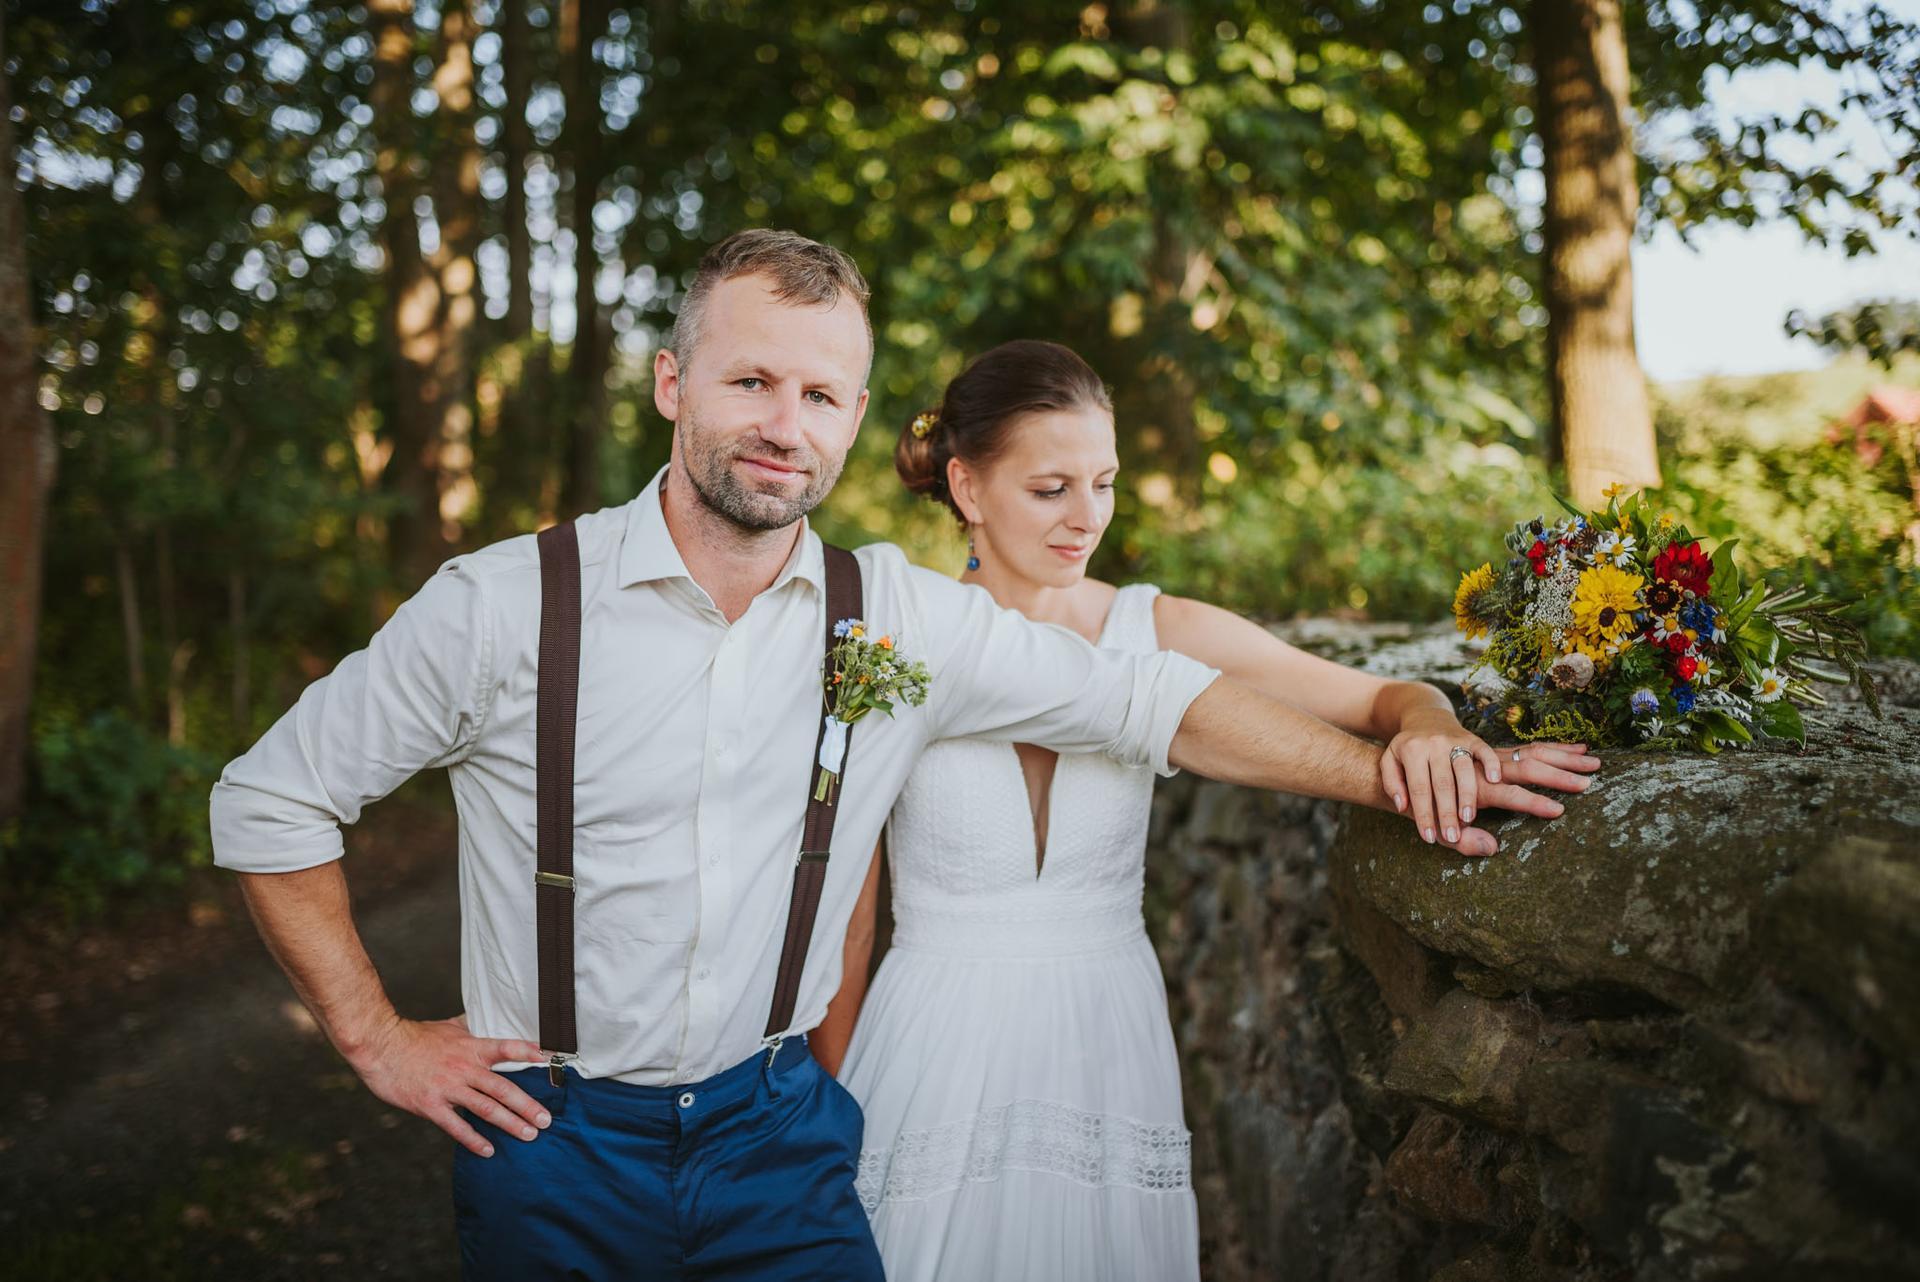 Svatební fotograf Karel Královec - kralovecphoto - Obrázek č. 4